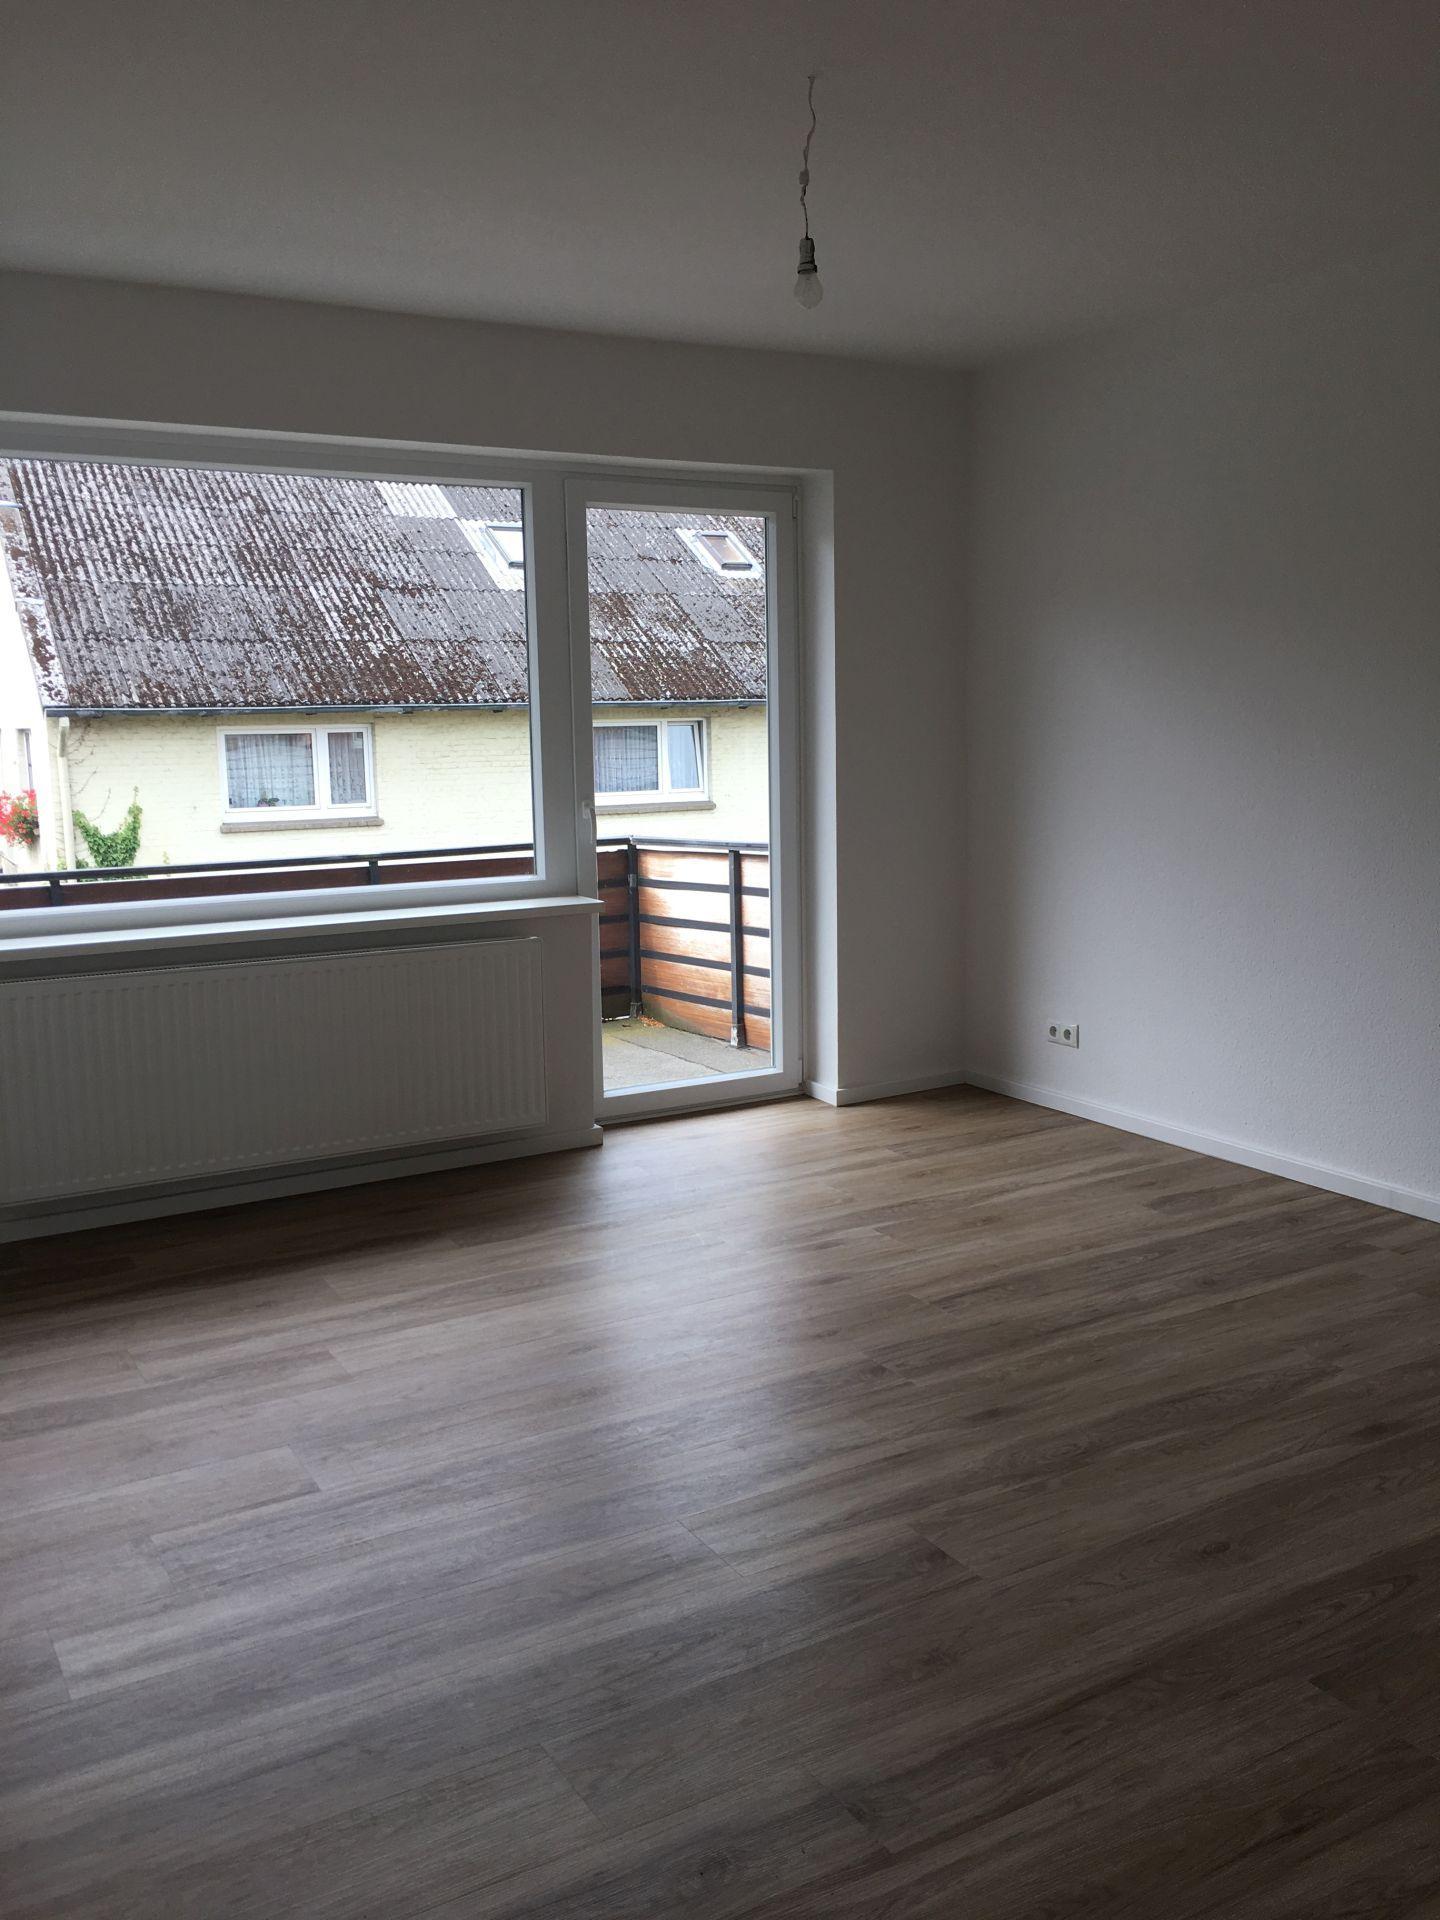 3 Zimmer Wohnung Mit Balkon In Hamburg Bramfeld Am Trittauer Amtsweg Von Der Hausverwaltung Immobilienmakler Axel S Wohnung 3 Zimmer Wohnung Immobilienmakler